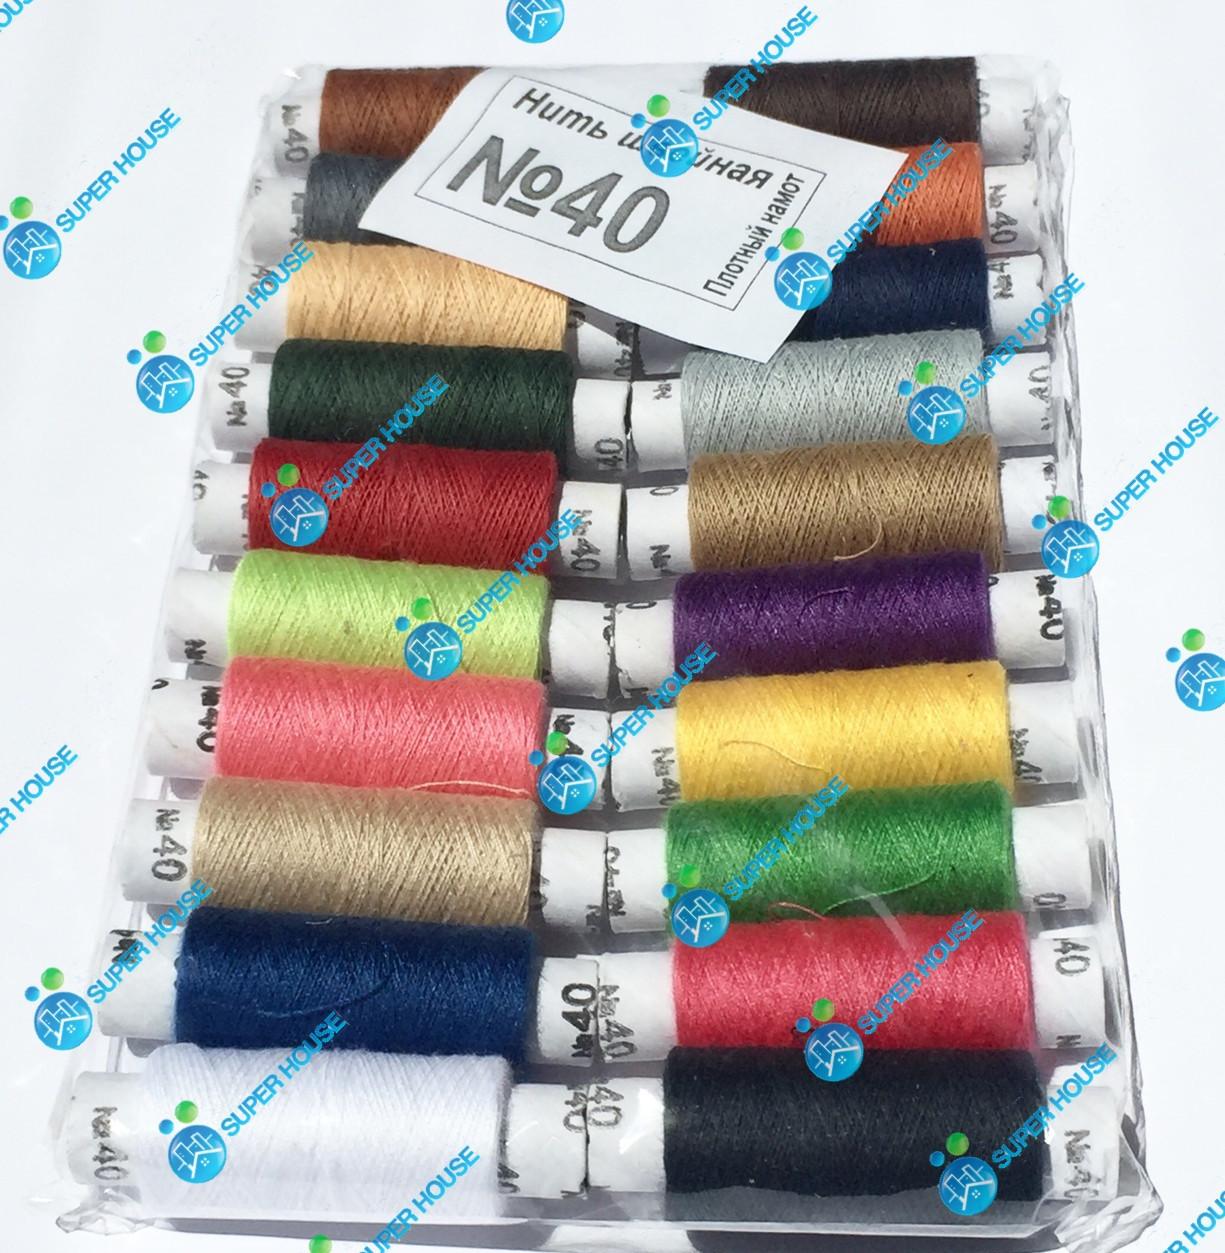 Швейная нитка №40 цветная. Полиэстер. Плотный намот 200м. 20 катушек в 1 уп.